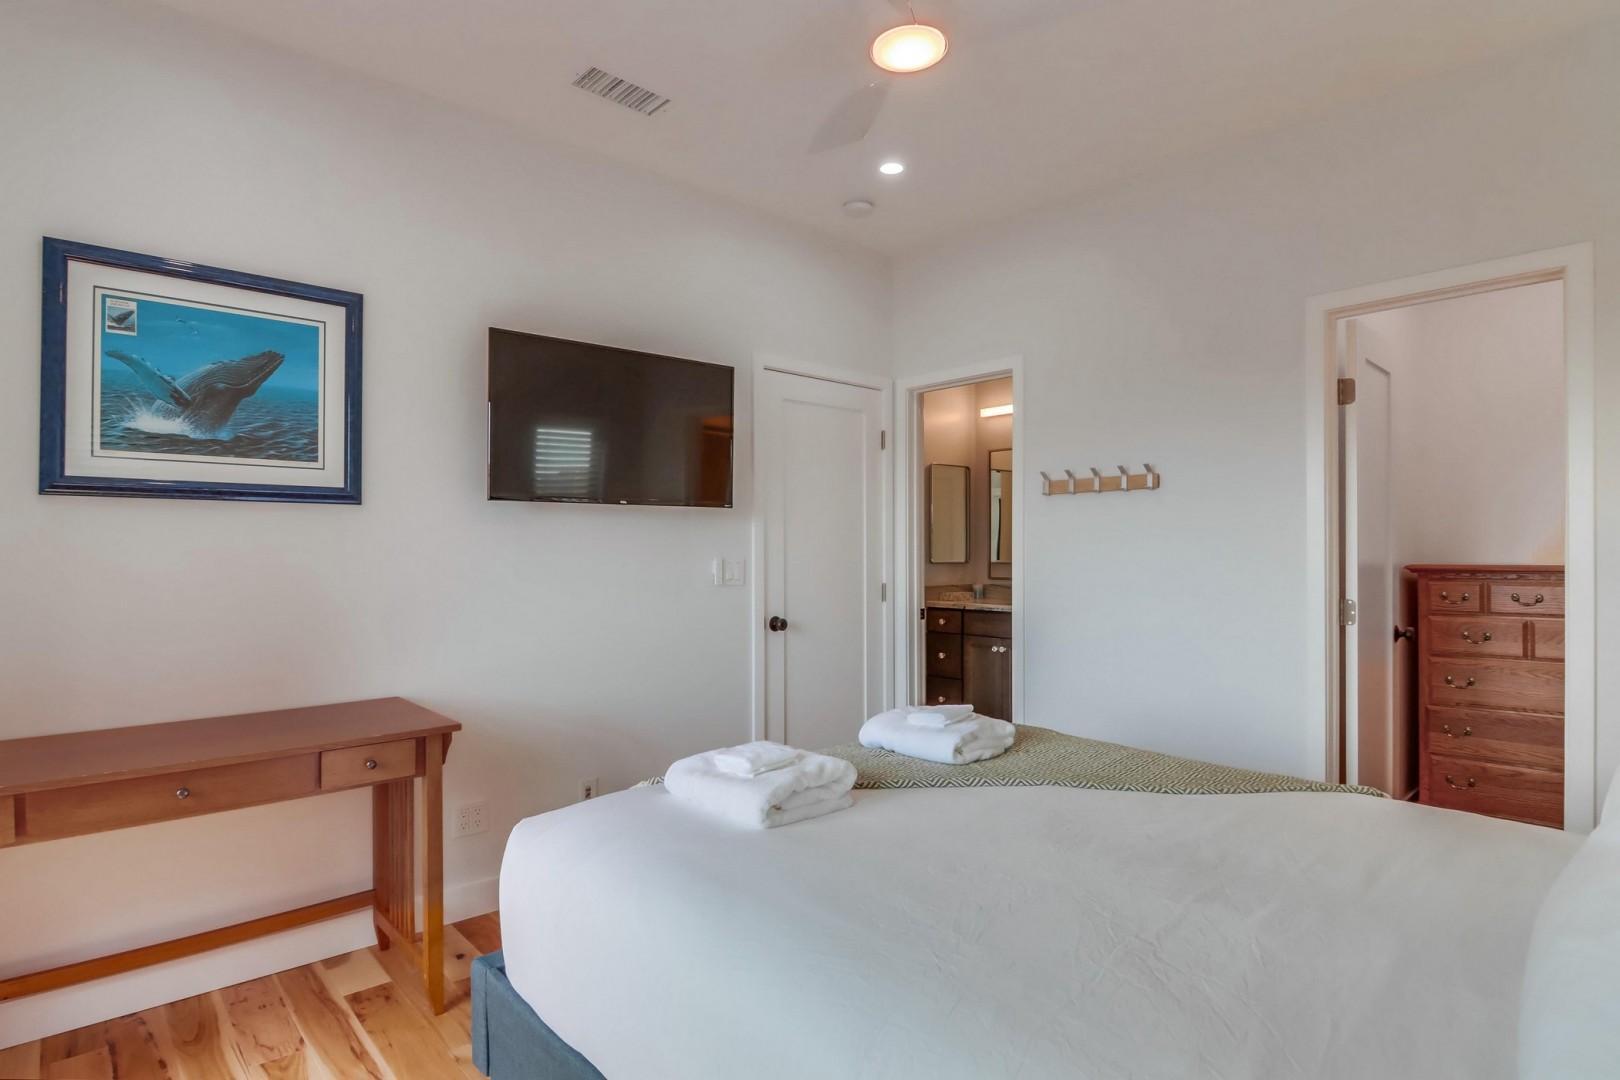 Bedroom suite 1 with TV